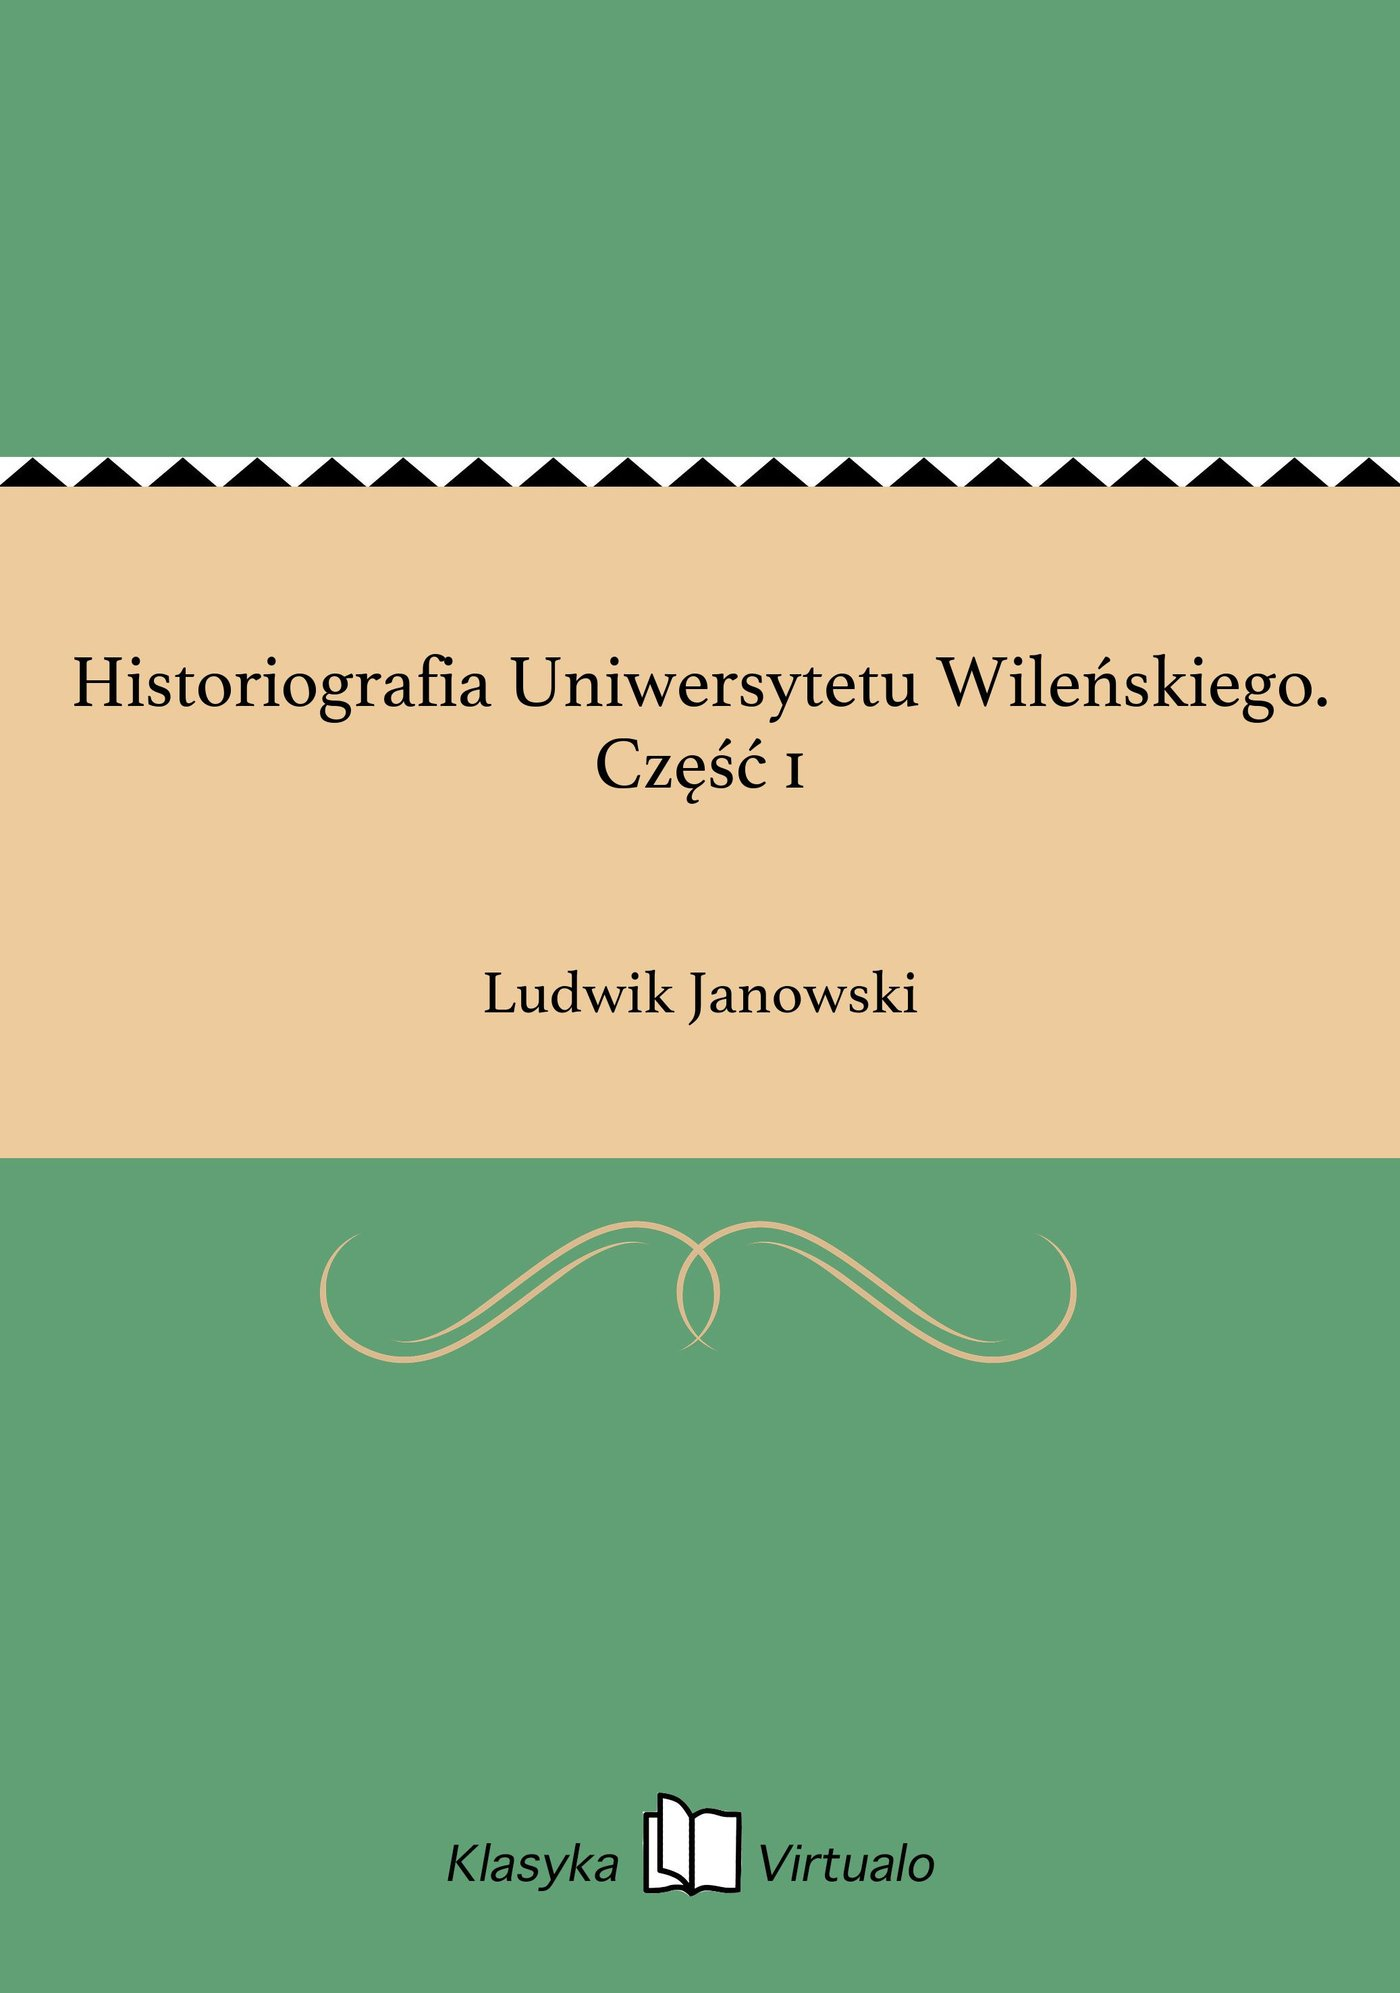 Historiografia Uniwersytetu Wileńskiego. Część 1 - Ebook (Książka na Kindle) do pobrania w formacie MOBI